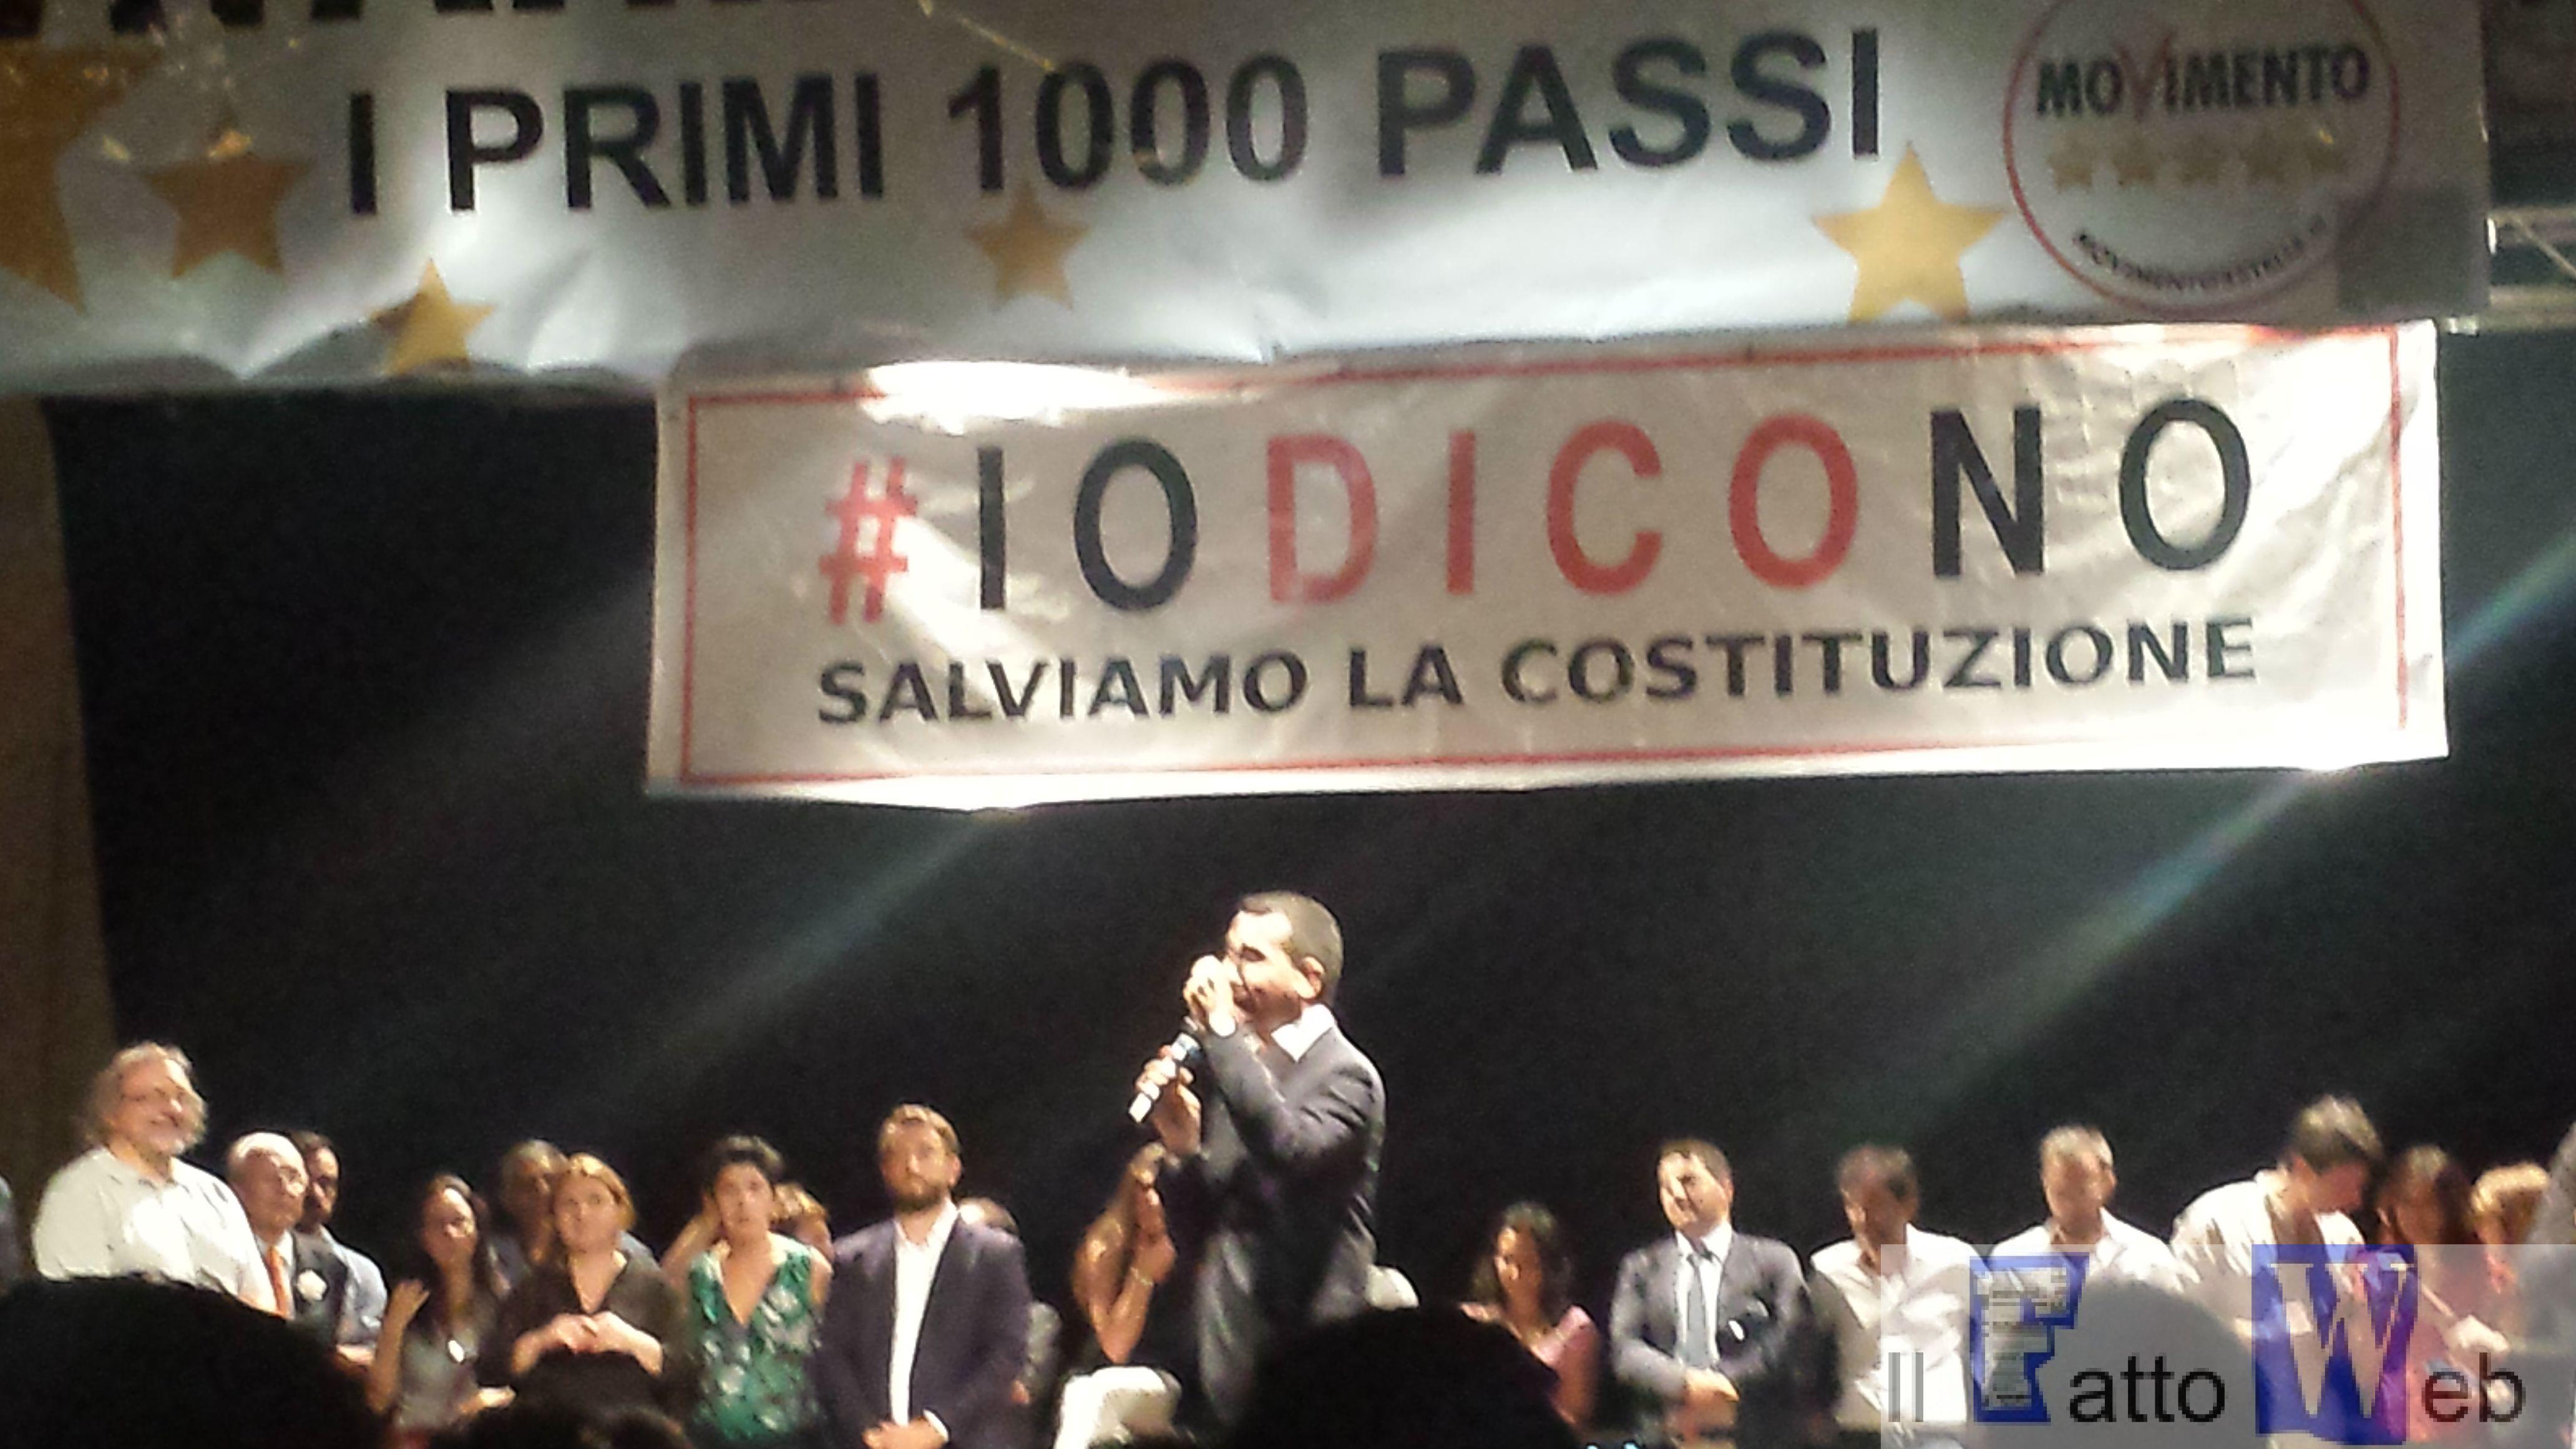 Movimento 5 Stelle a Catania per dire NO alla riforma costituzionale – VIDEO